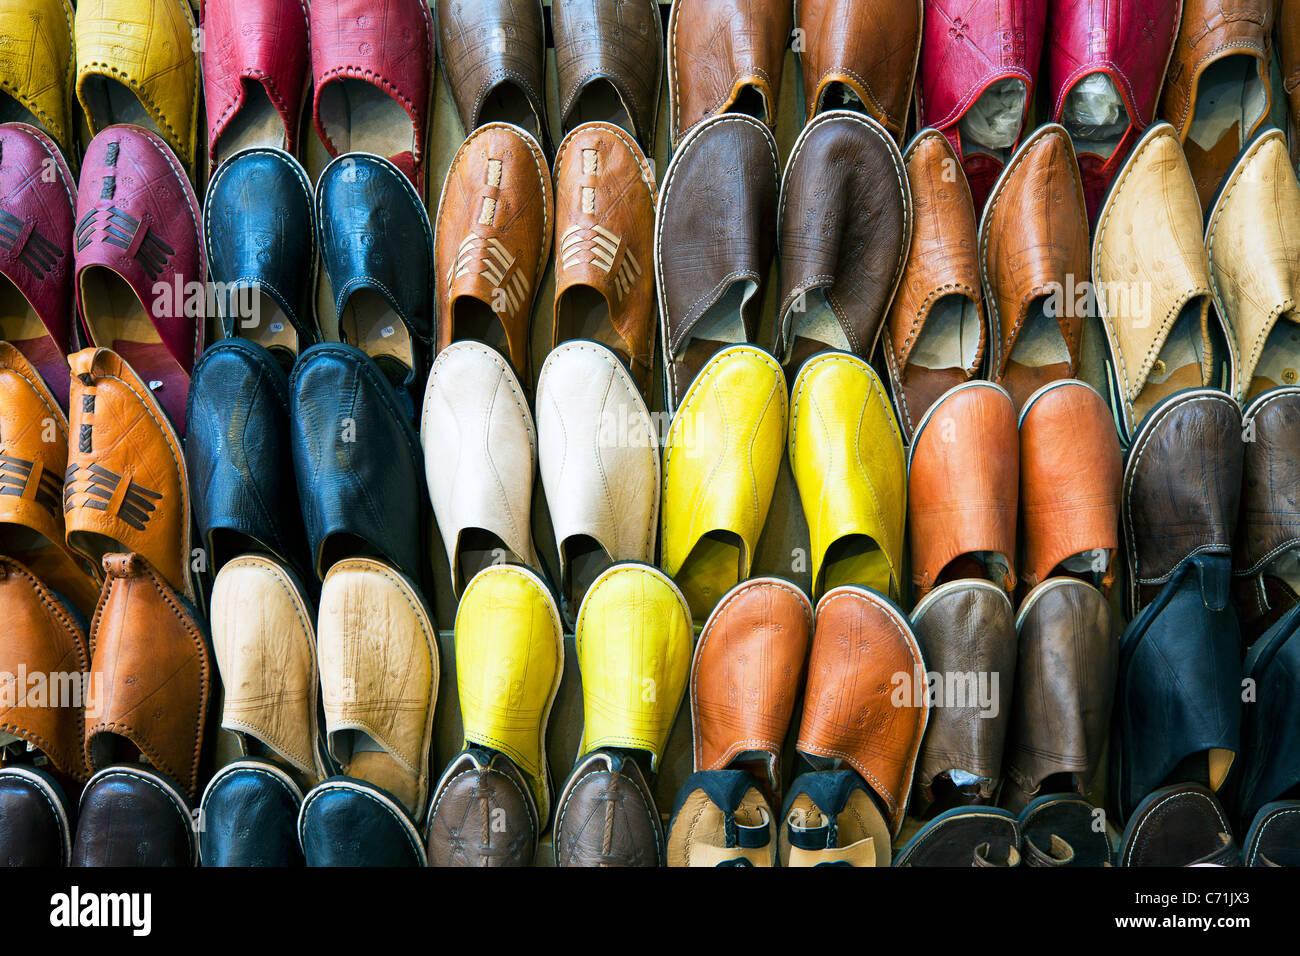 Zapatillas marroquíes de cuero suave en el Zoco, Medina, Marrakech, Marruecos, Norte de África Imagen De Stock